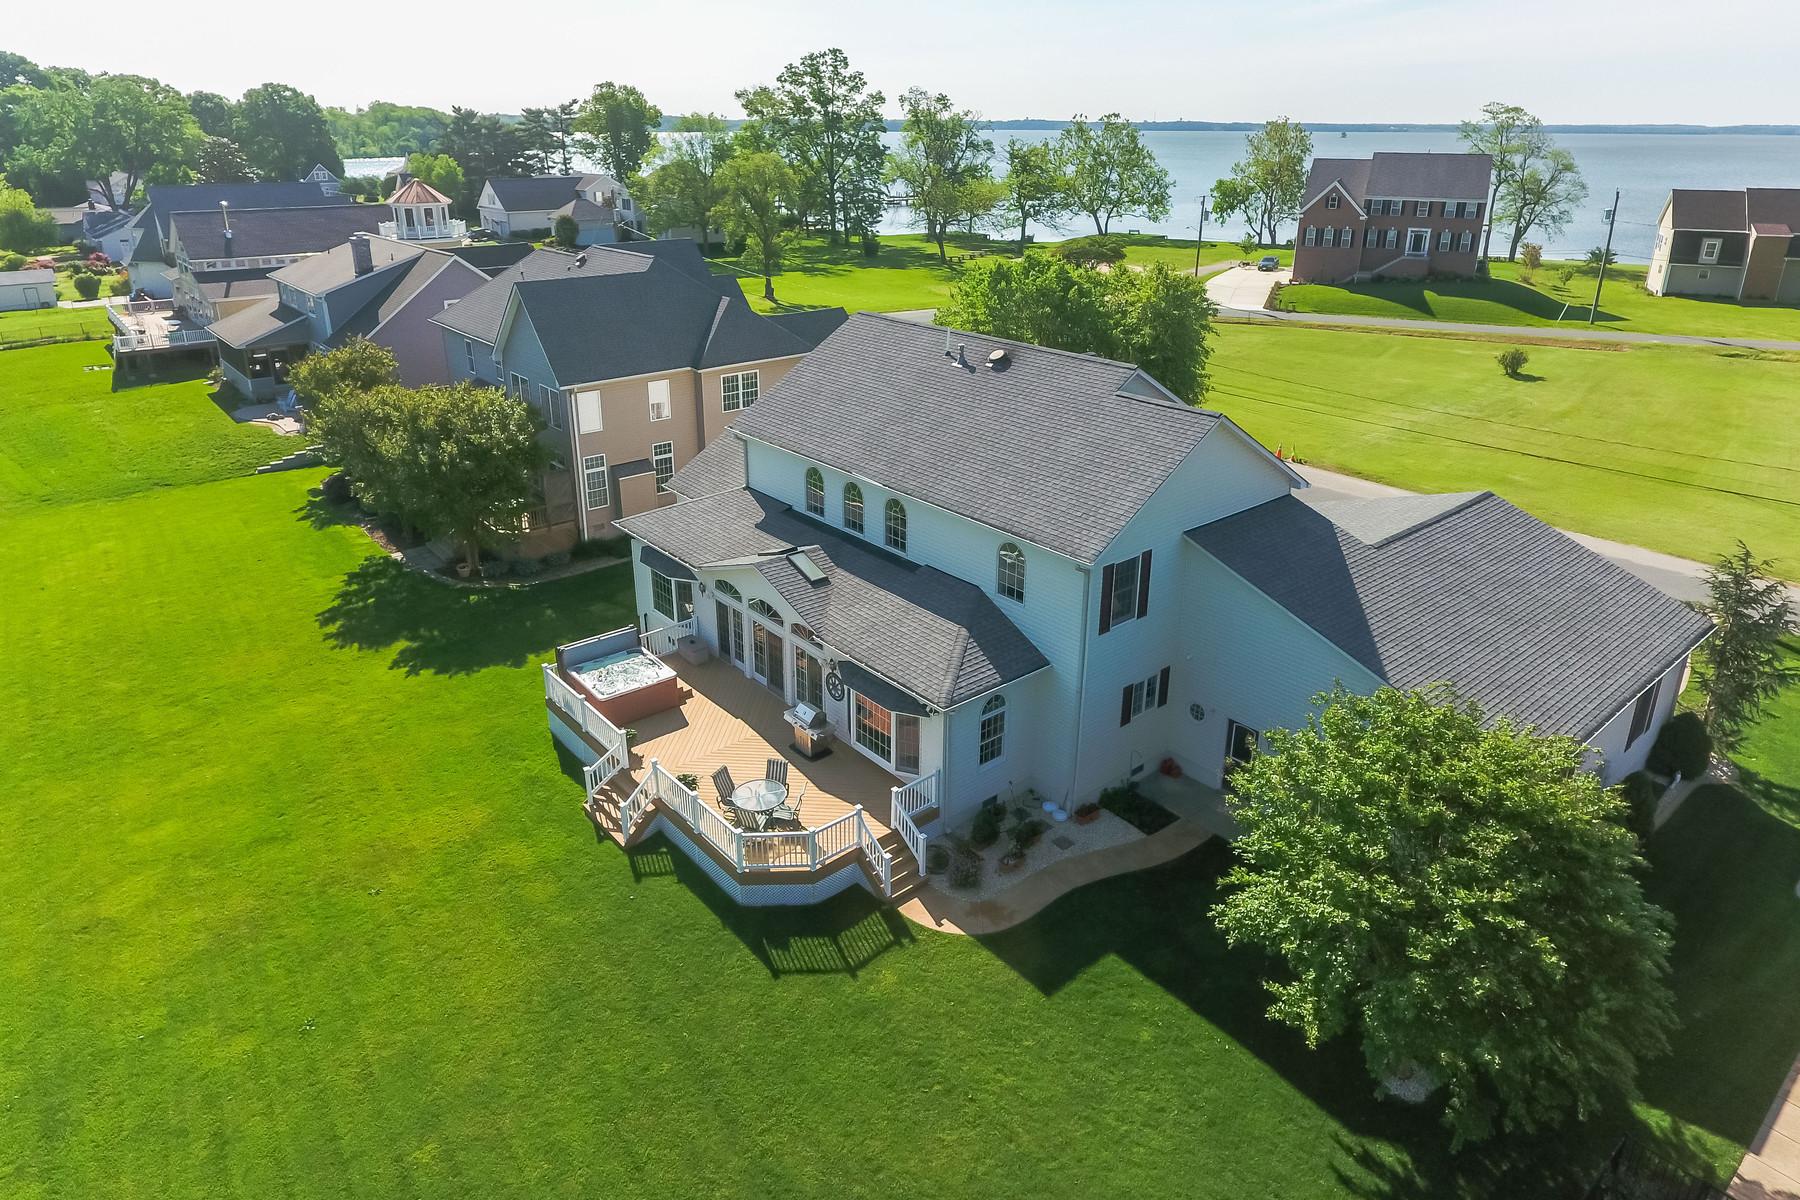 獨棟家庭住宅 為 出售 在 906 Bay Street, Woodbridge Woodbridge, 弗吉尼亞州 22191 美國